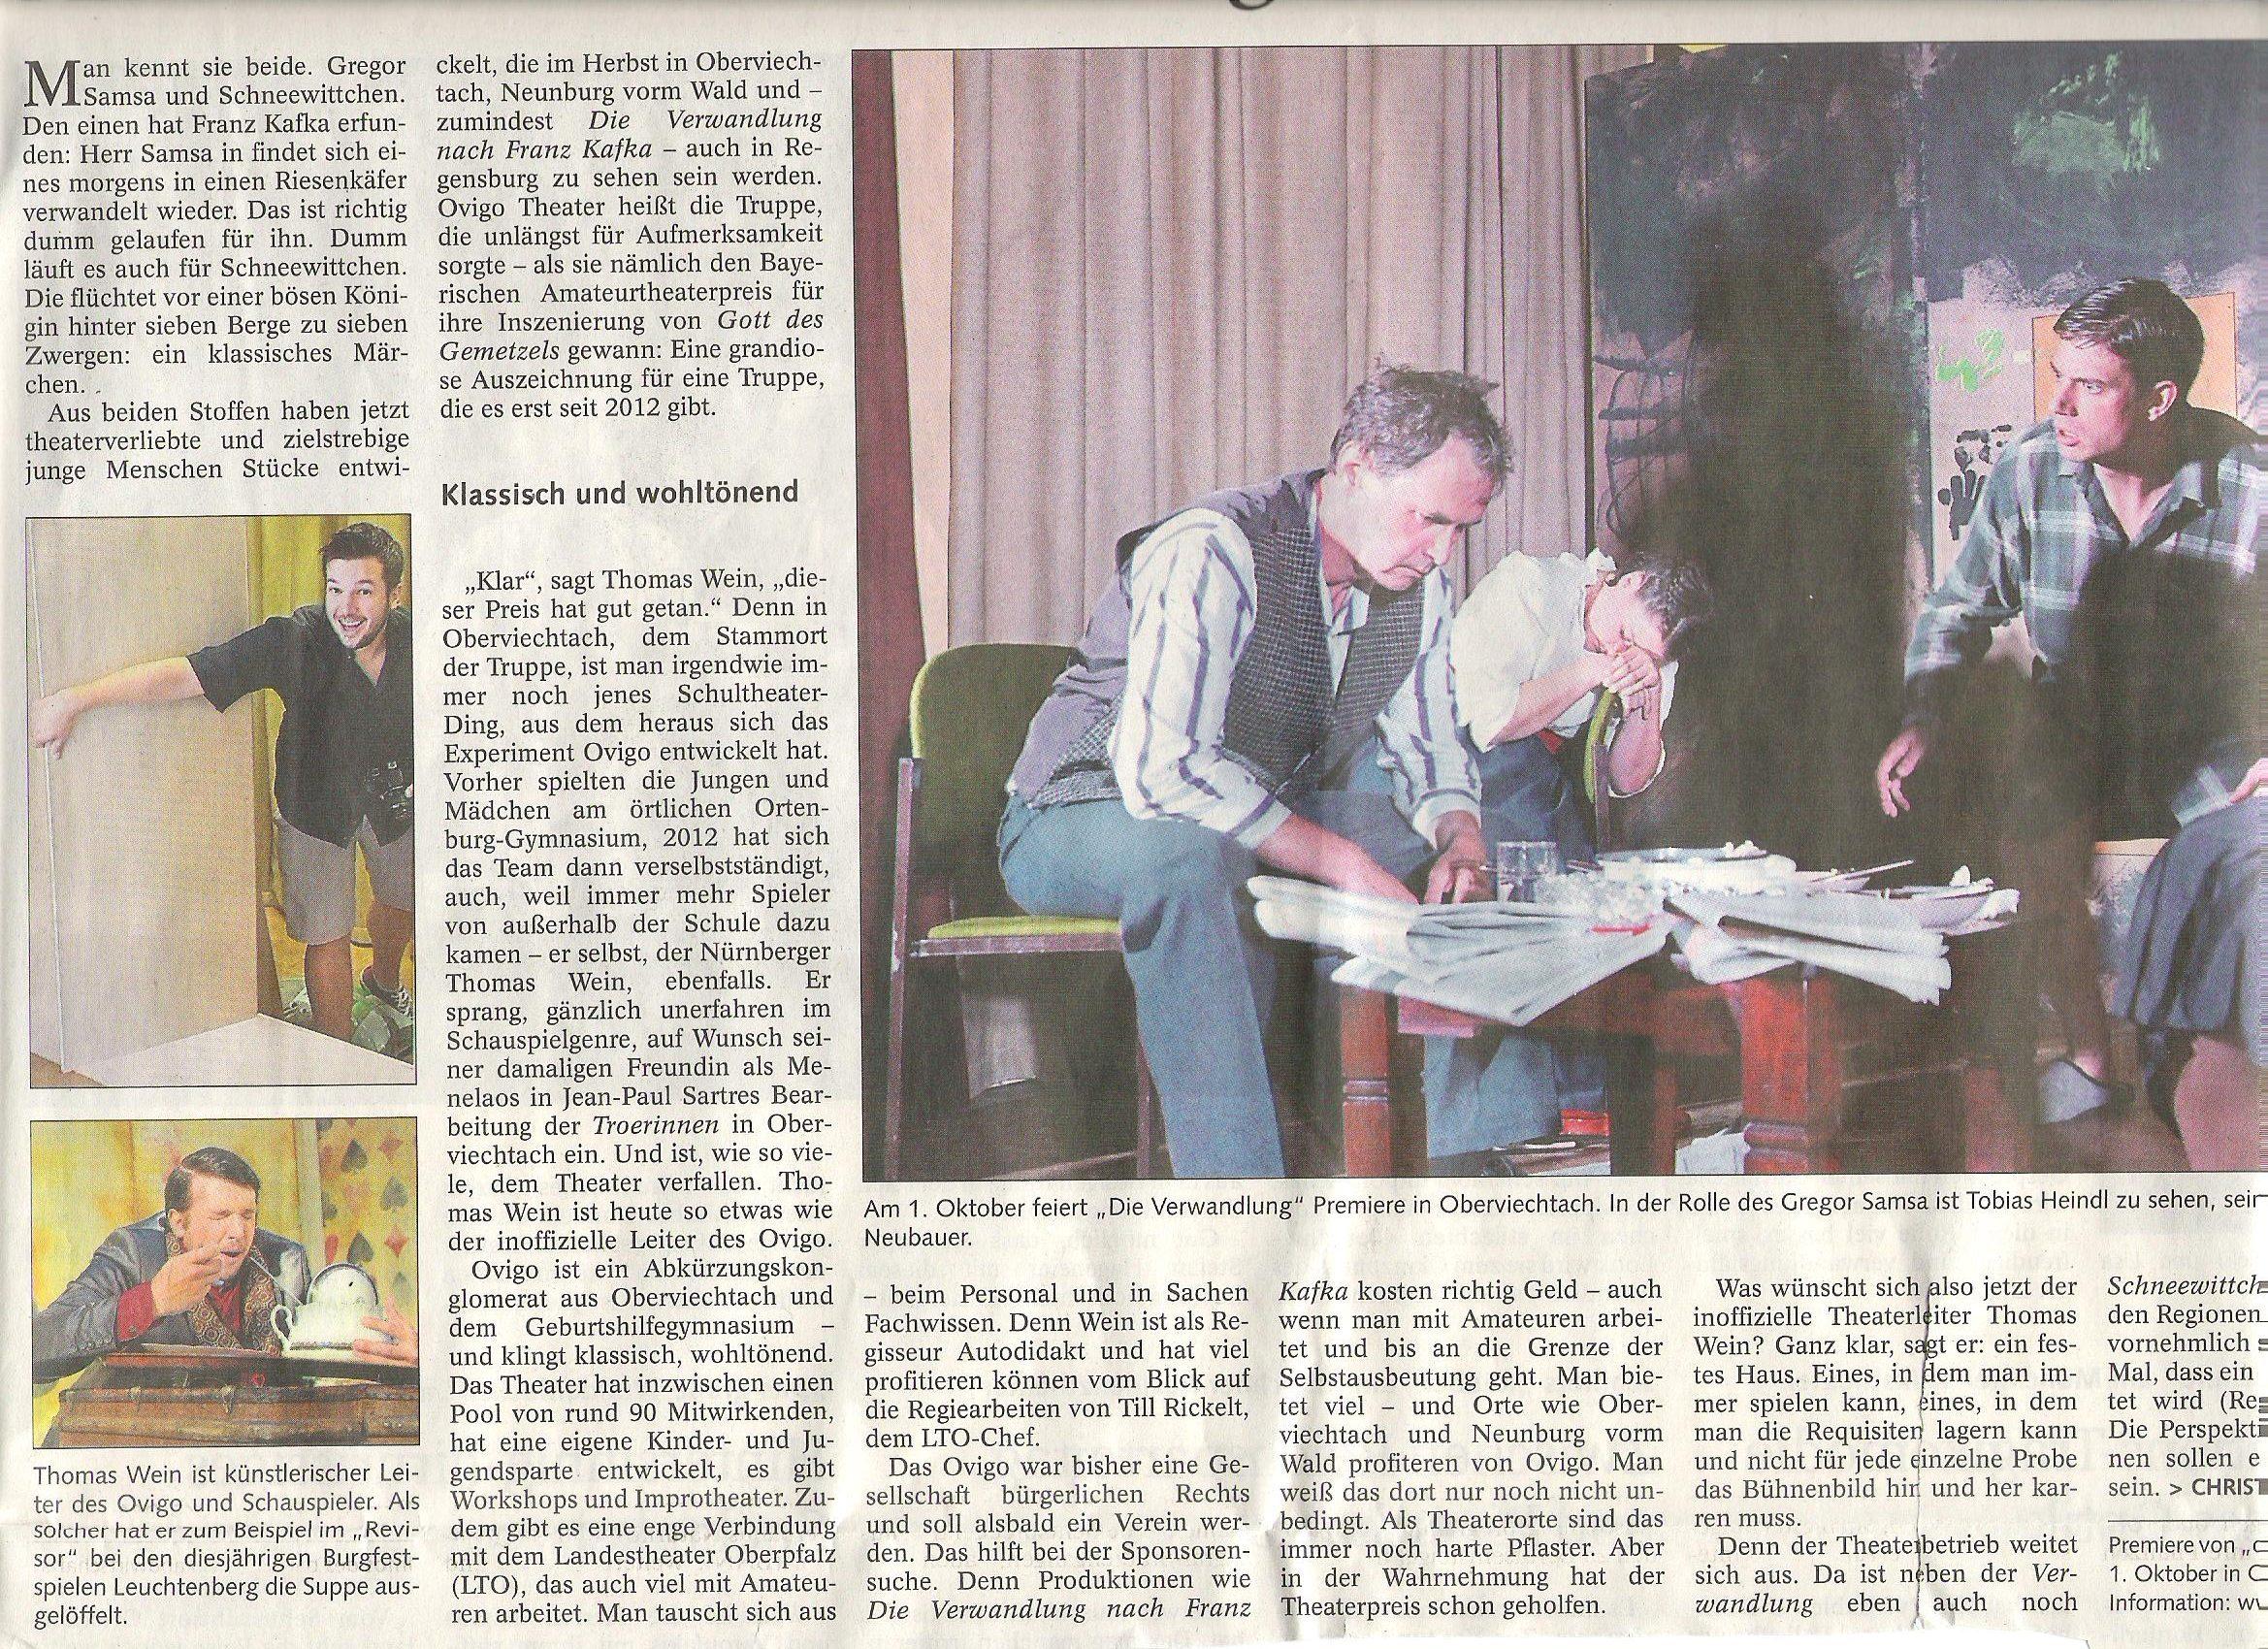 OVIGO Theater in der Bayerischen Staatszeitung, Florian Wein